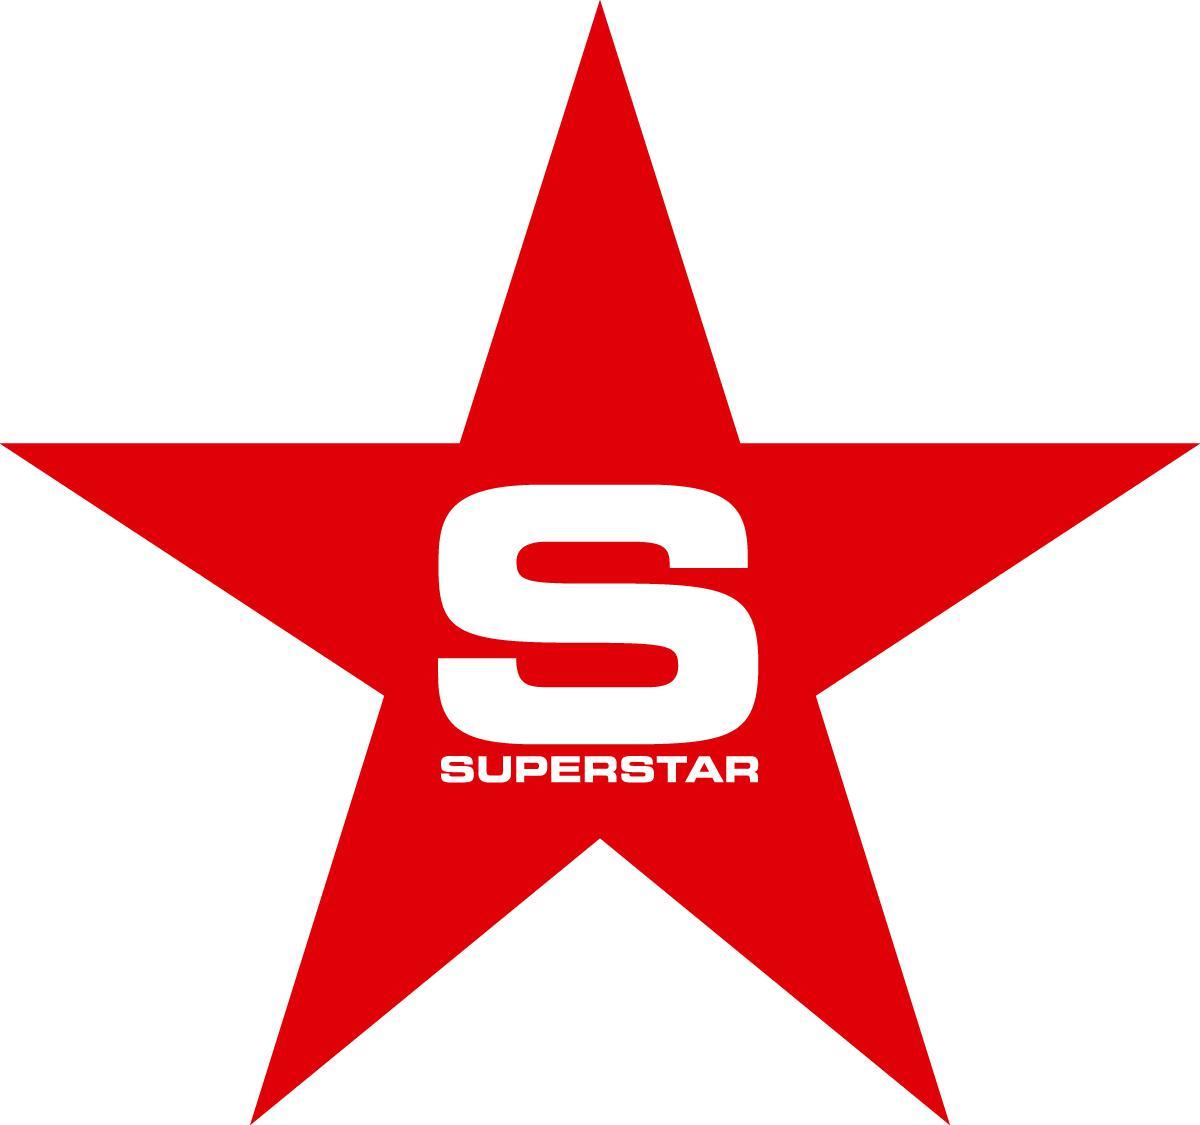 logo logo 标志 设计 矢量 矢量图 素材 图标 1200_1125